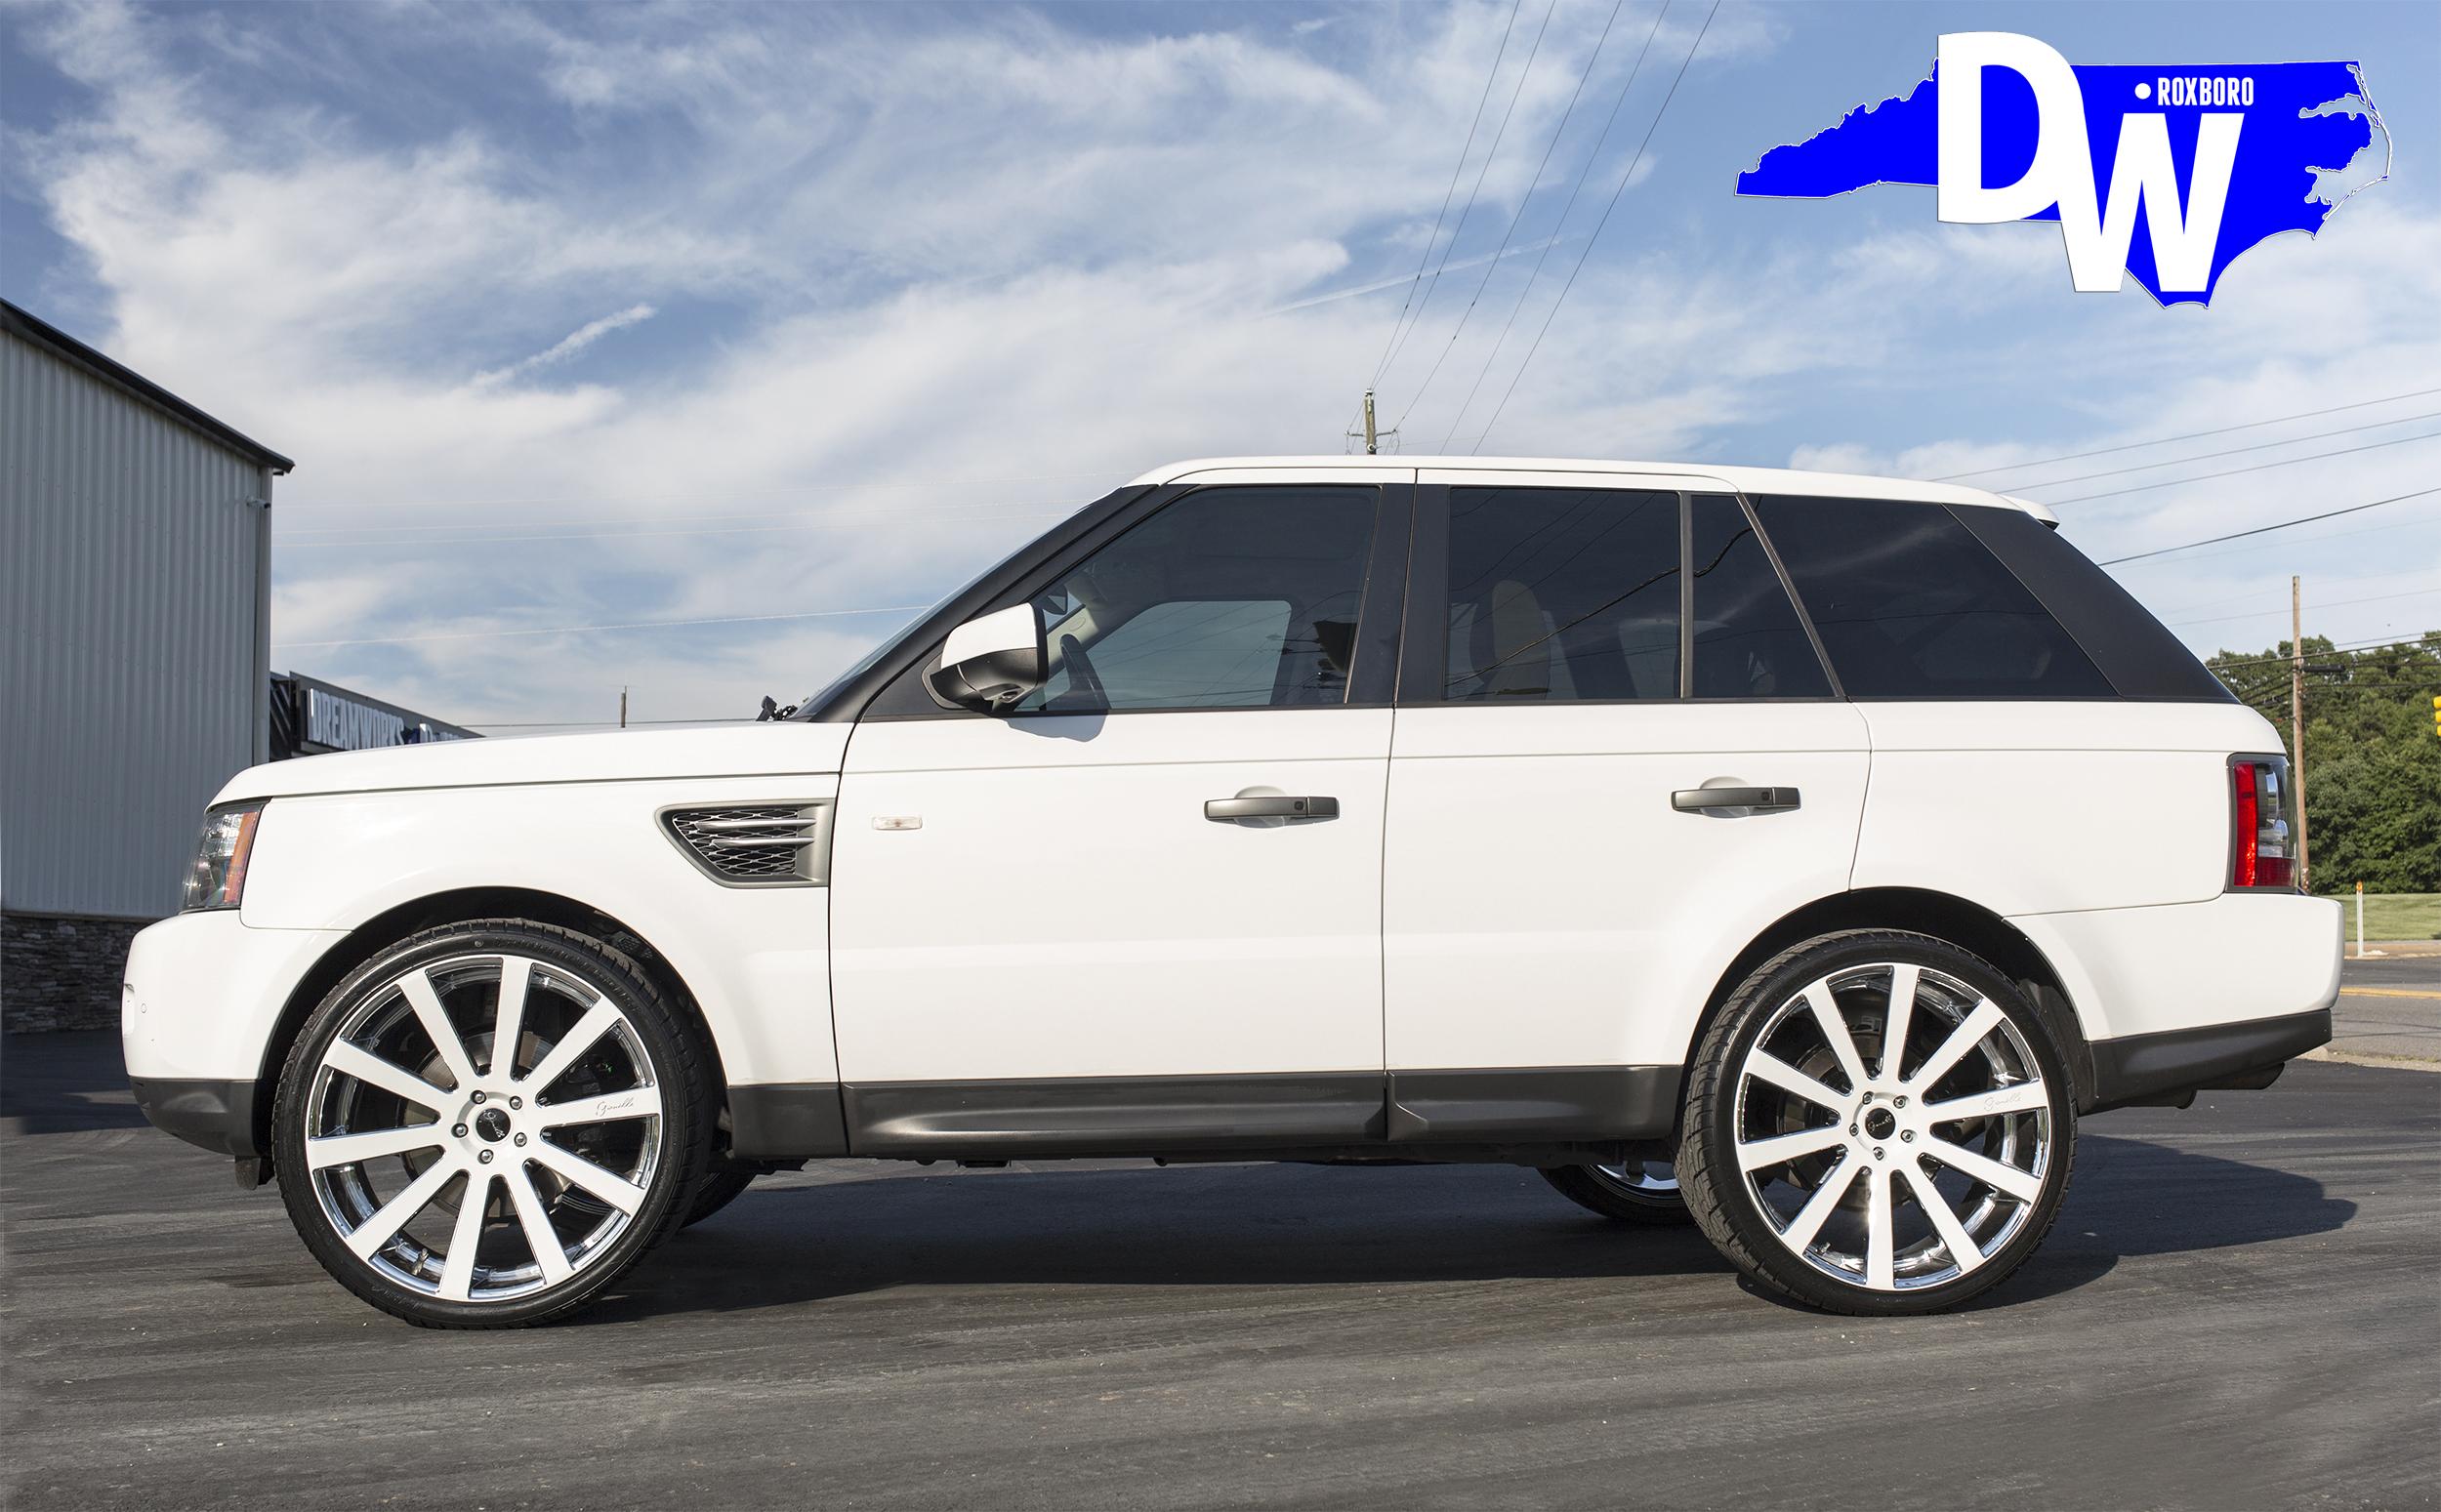 White-on-White-Range-Rover-2 copy.jpg